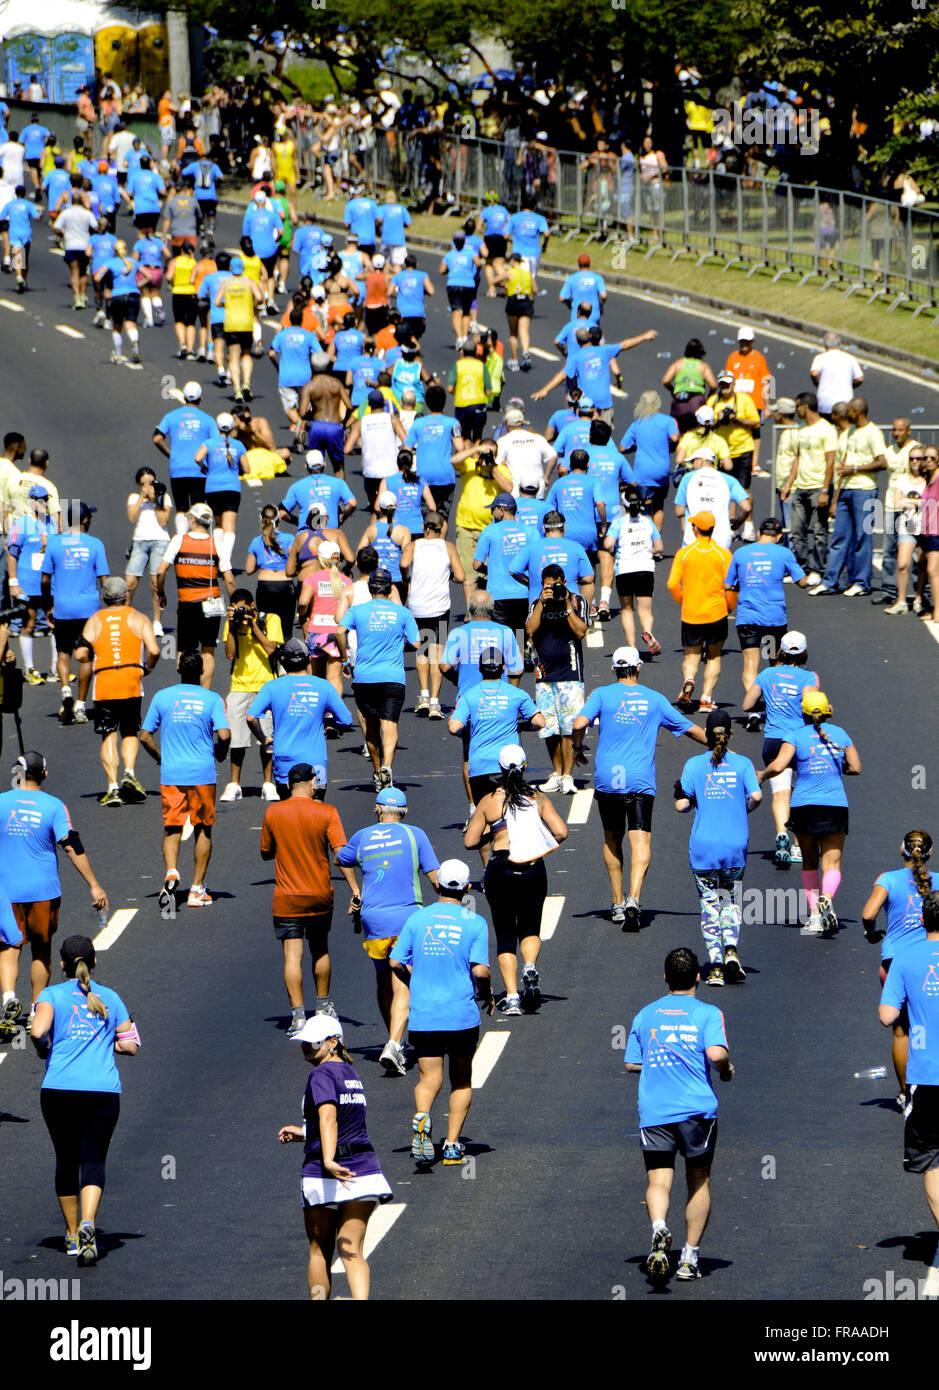 XVI Internazionale Mezza Maratona in Rio de Janeiro 2012 - Flamengo Immagini Stock